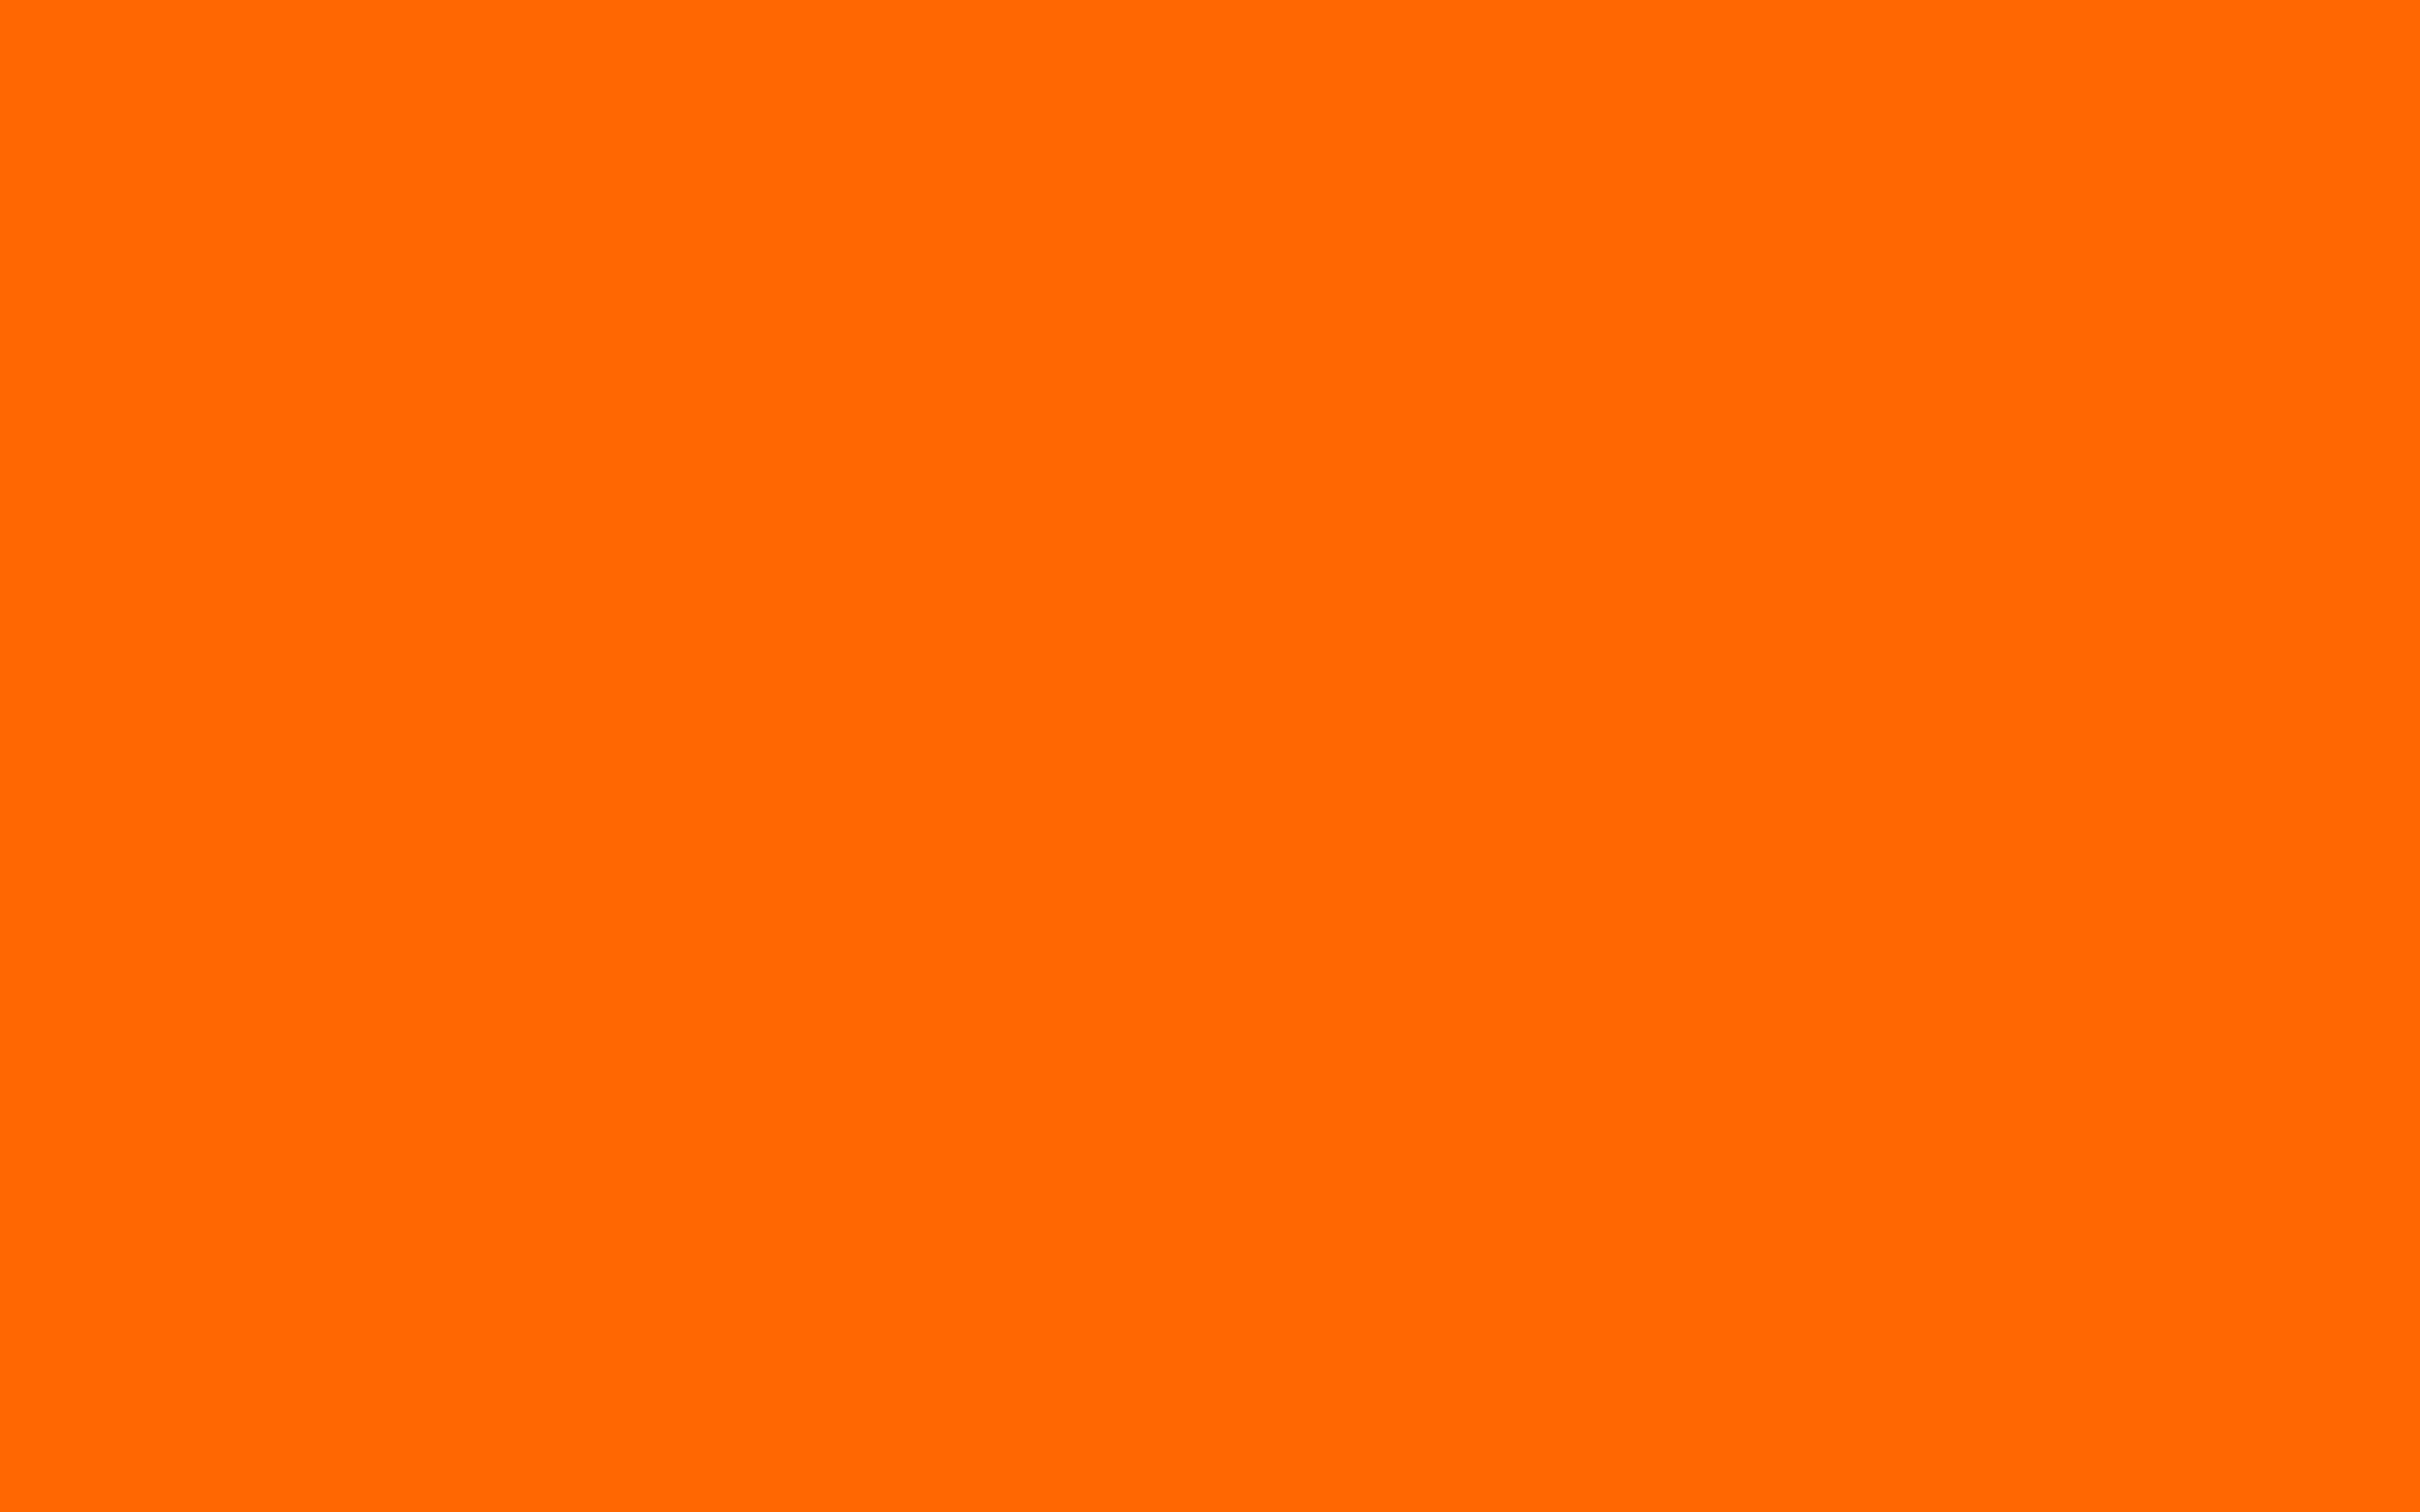 Orange Blaze Orange Solid Color Background